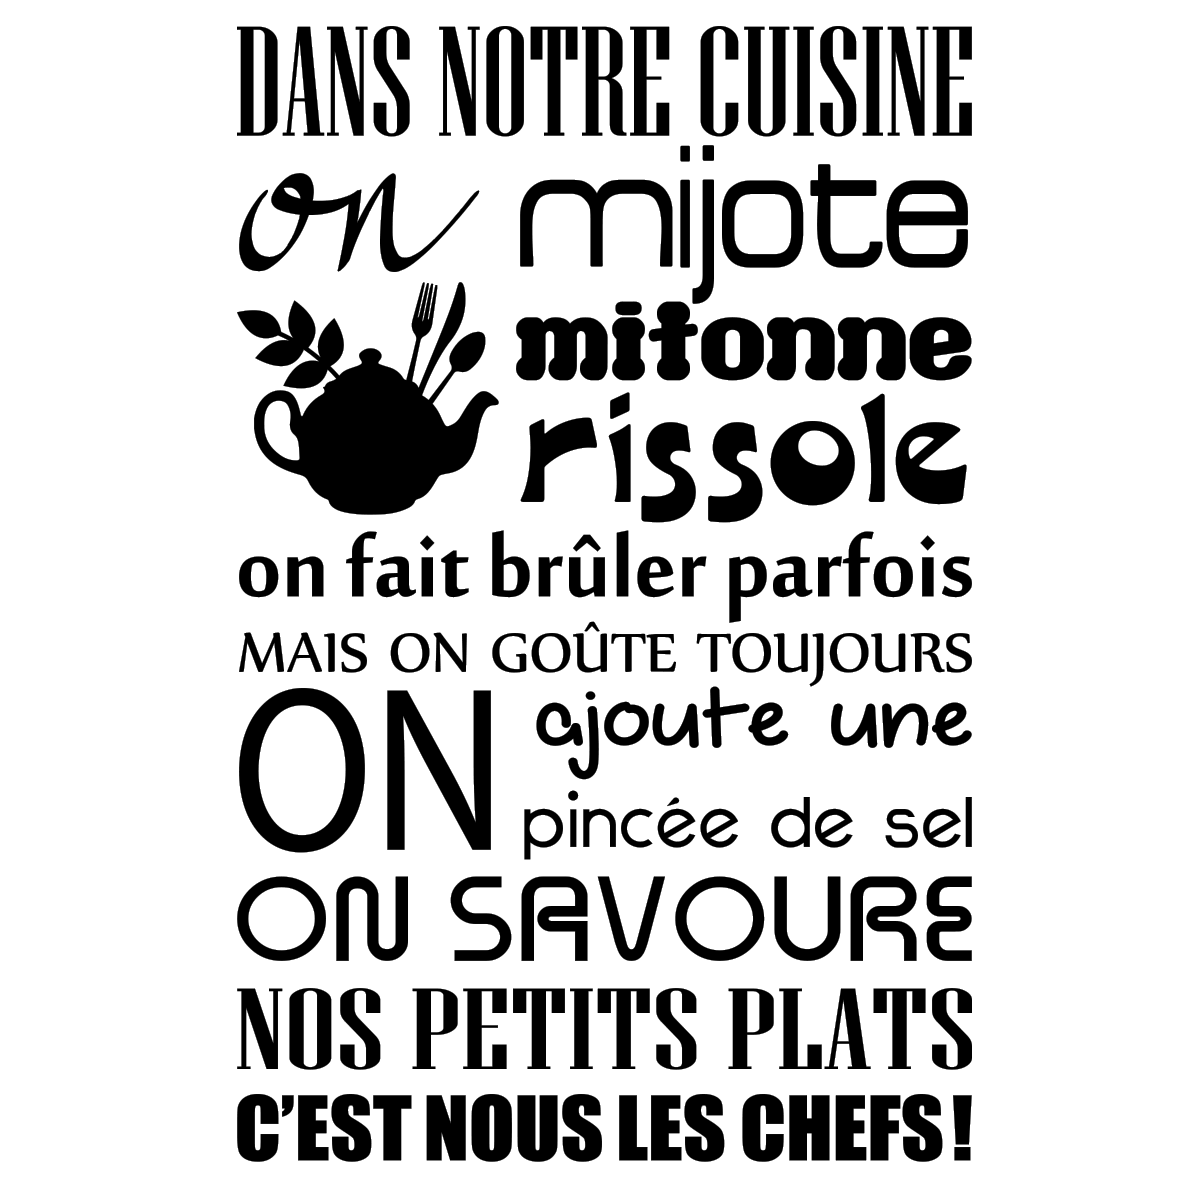 Ambiance Et Style Tableau sticker citation dans notre cuisine on mijote